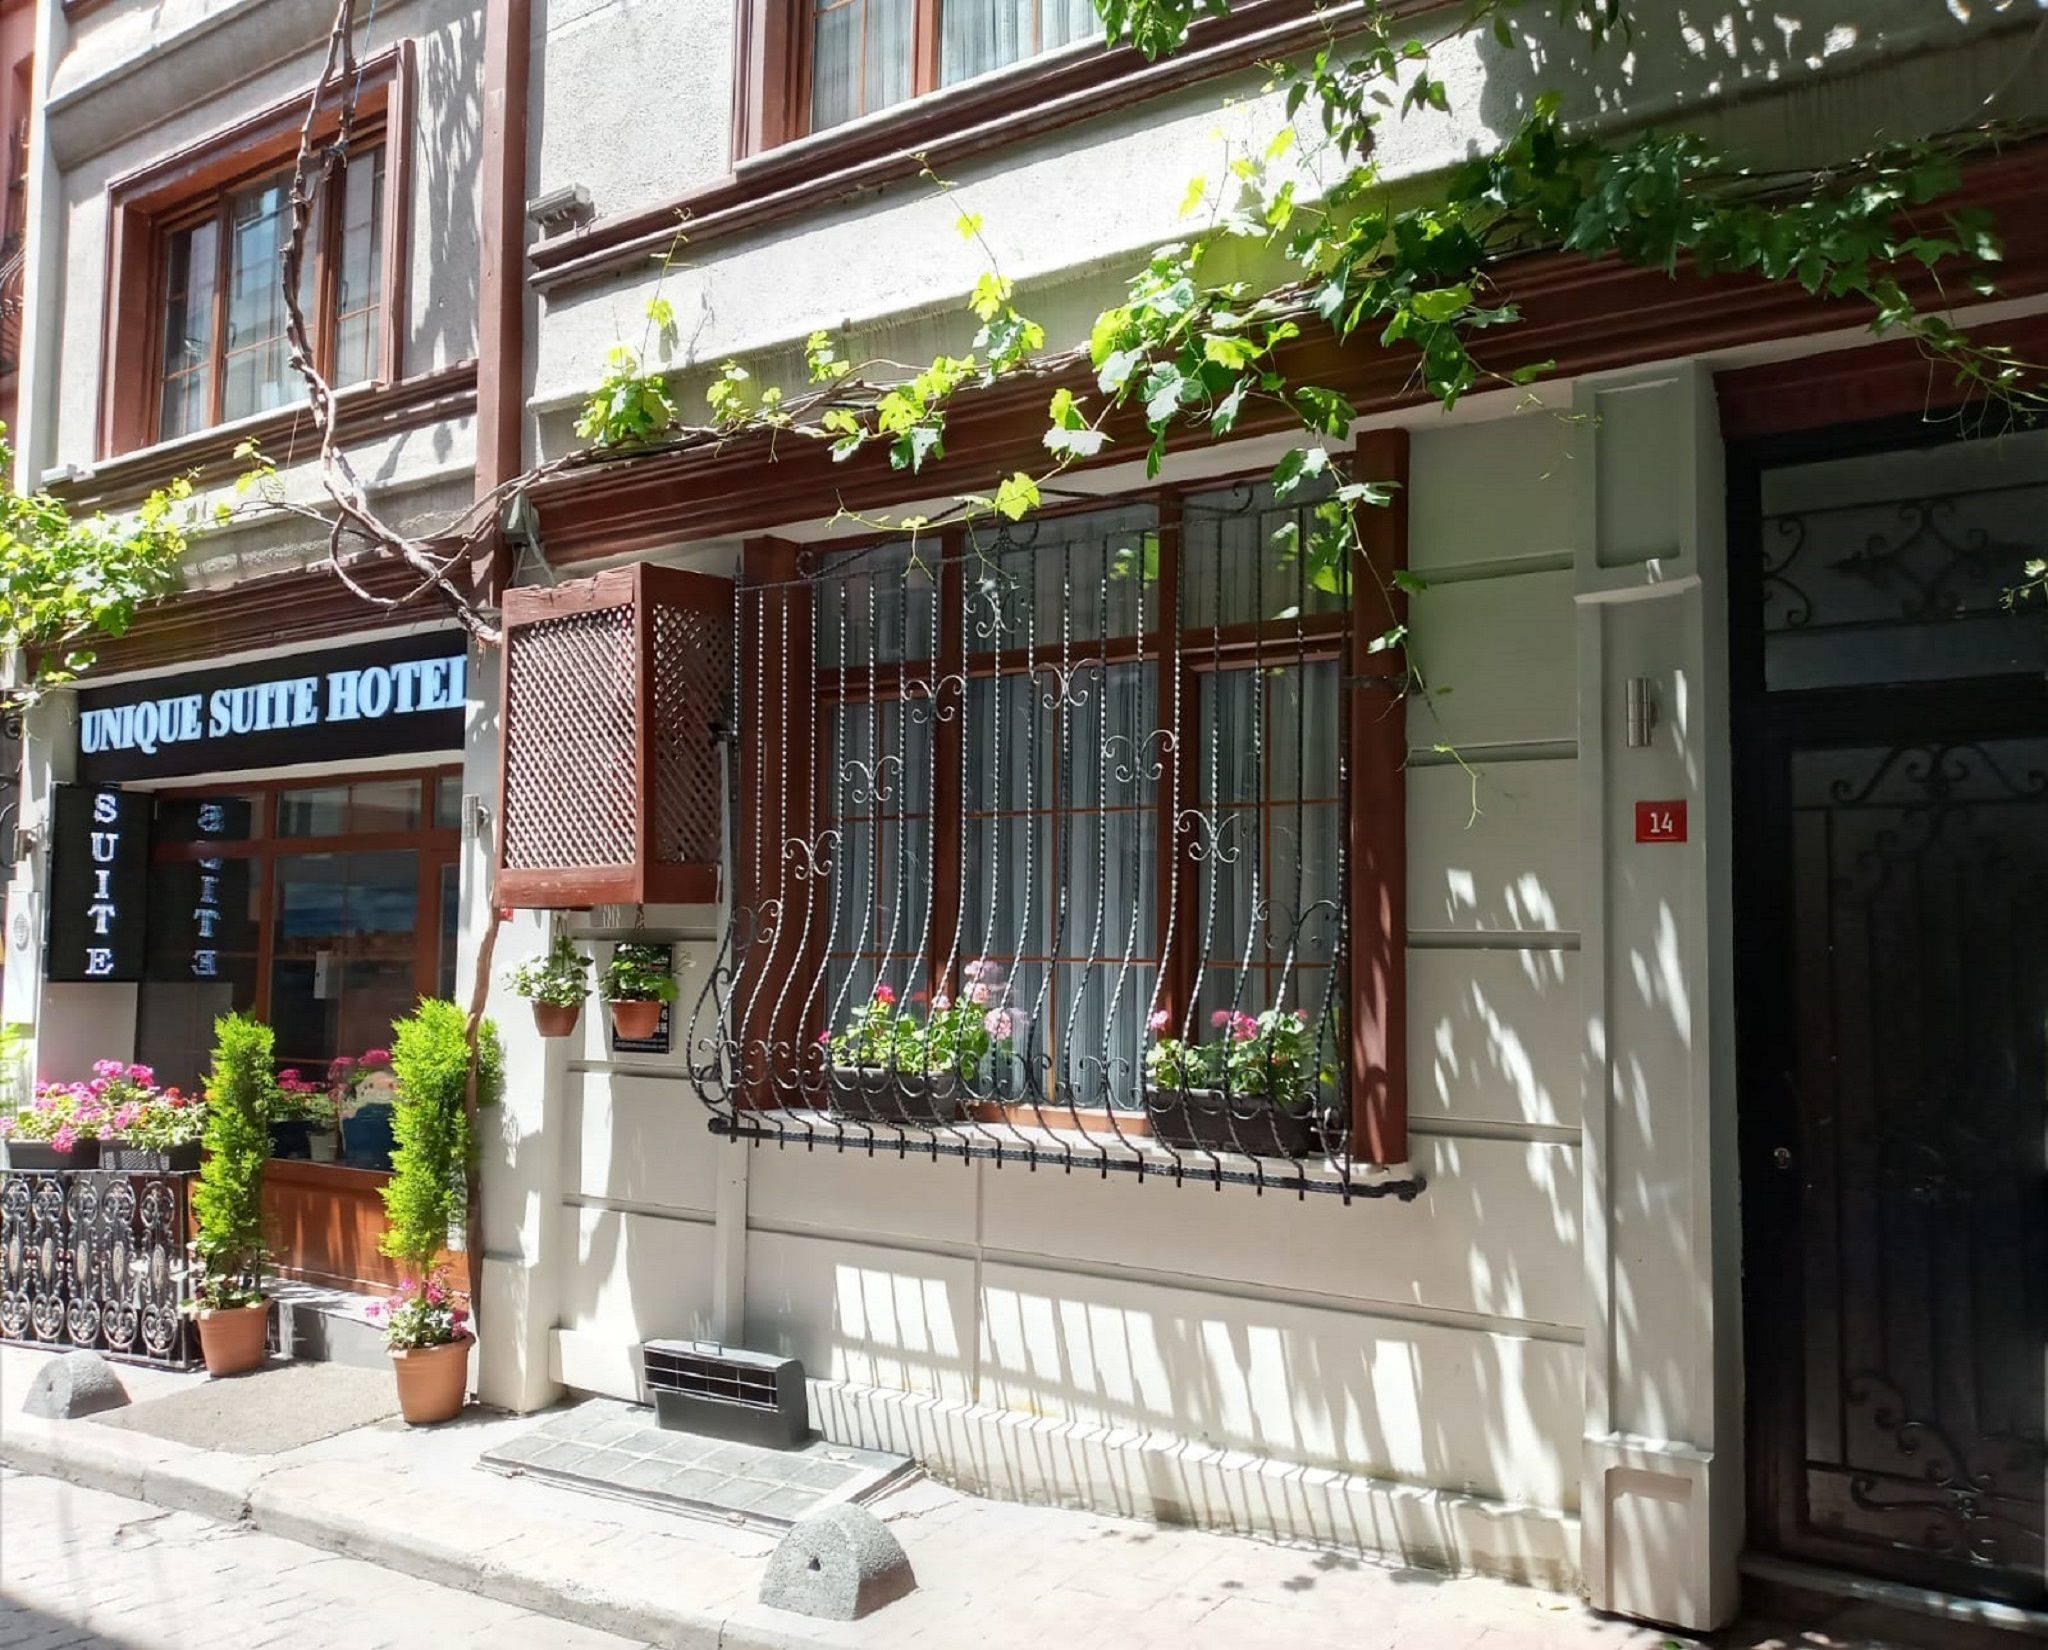 Unique Suite Otel, İstanbul, Beyoğlu, 34479